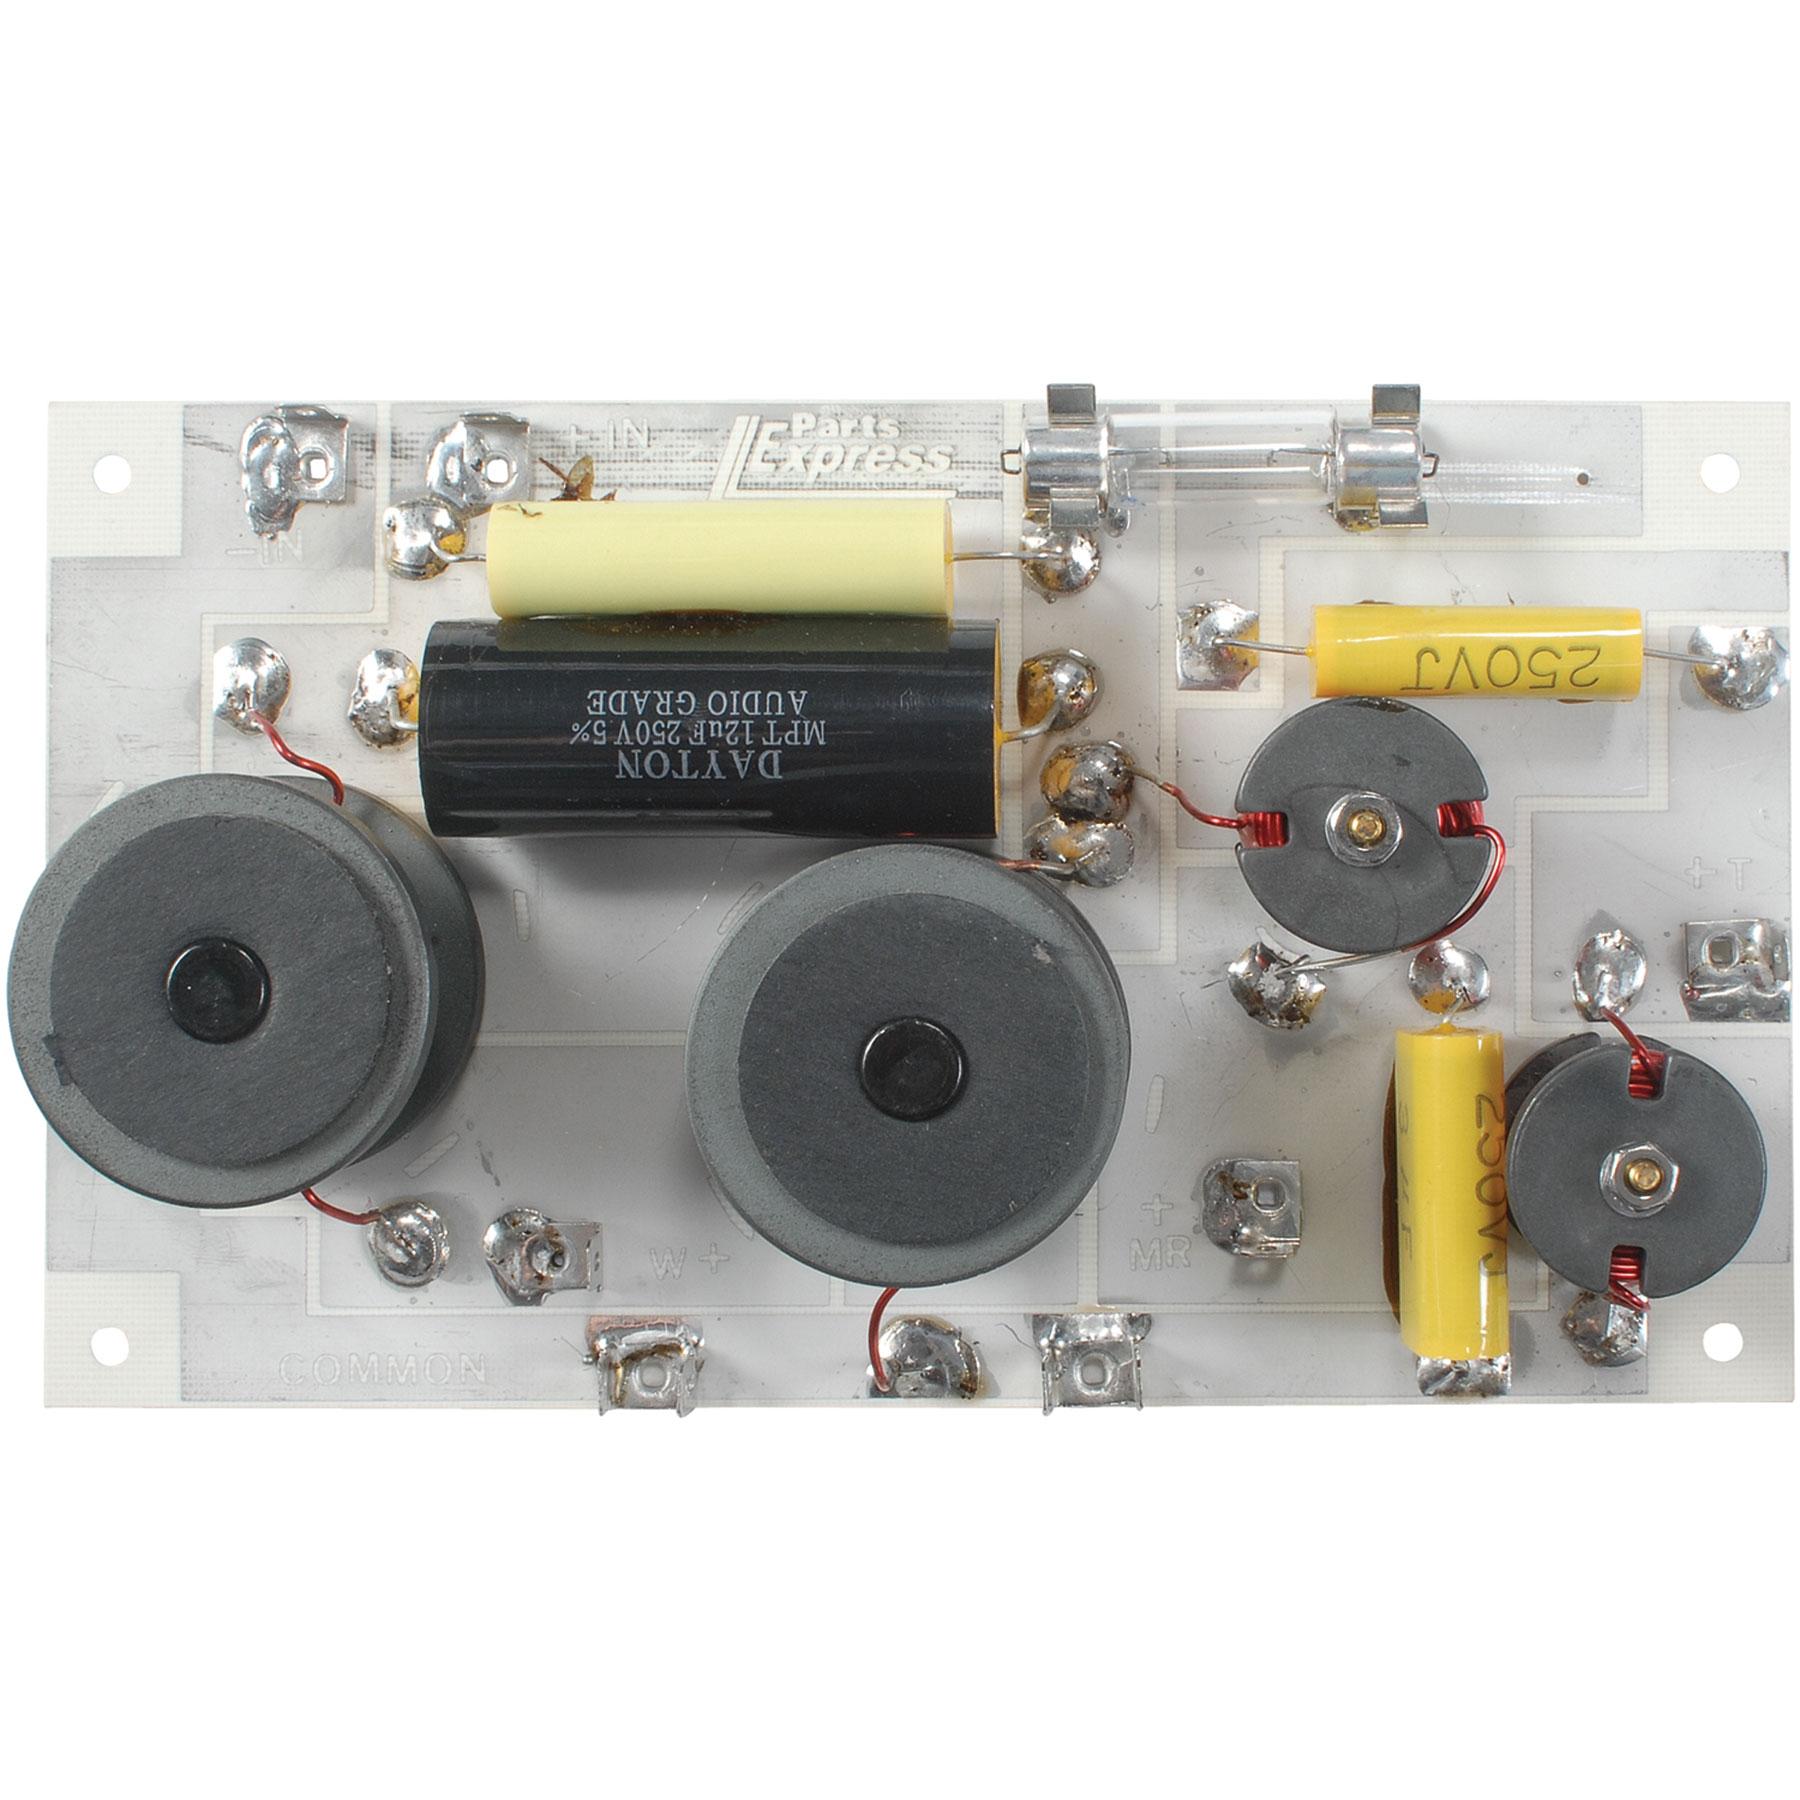 Speaker Crossover 3-Way 8 Ohm 800/4,500 Hz 200W - Speaker Crossover Wiring Diagram